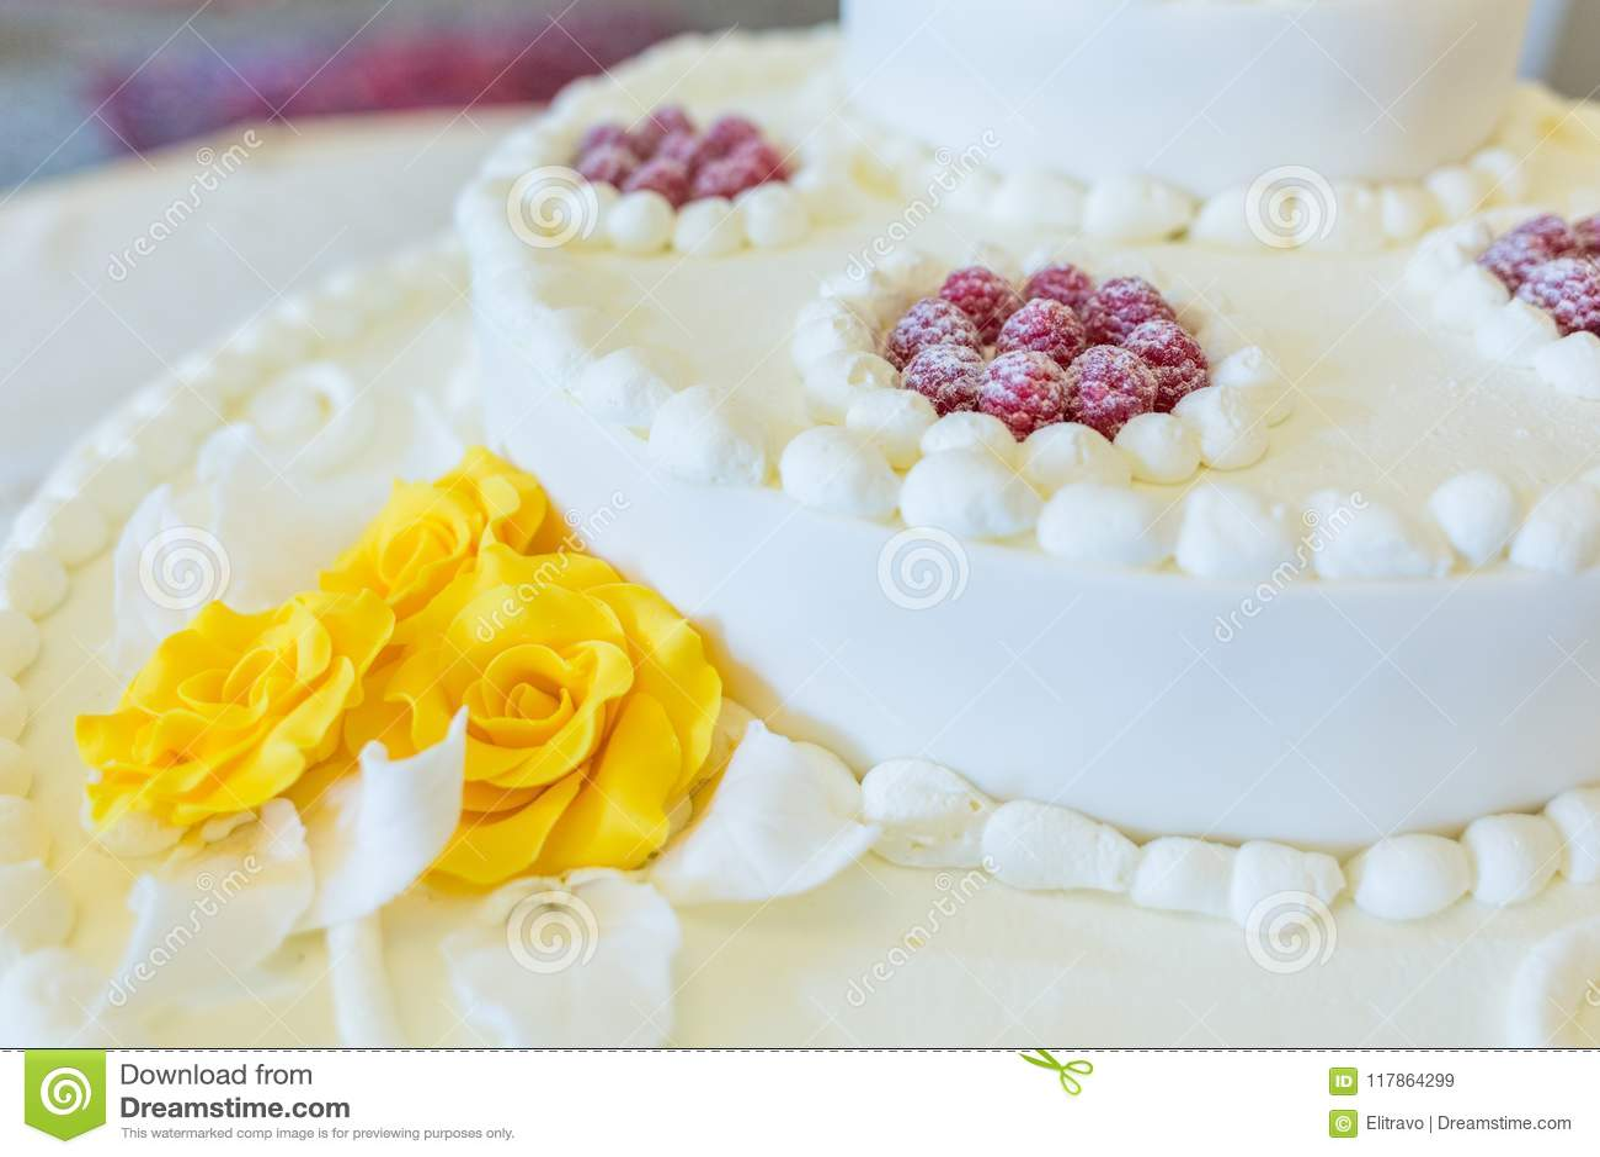 Beautiful White Wedding Cake With Fruits Stock Image - Image of ...